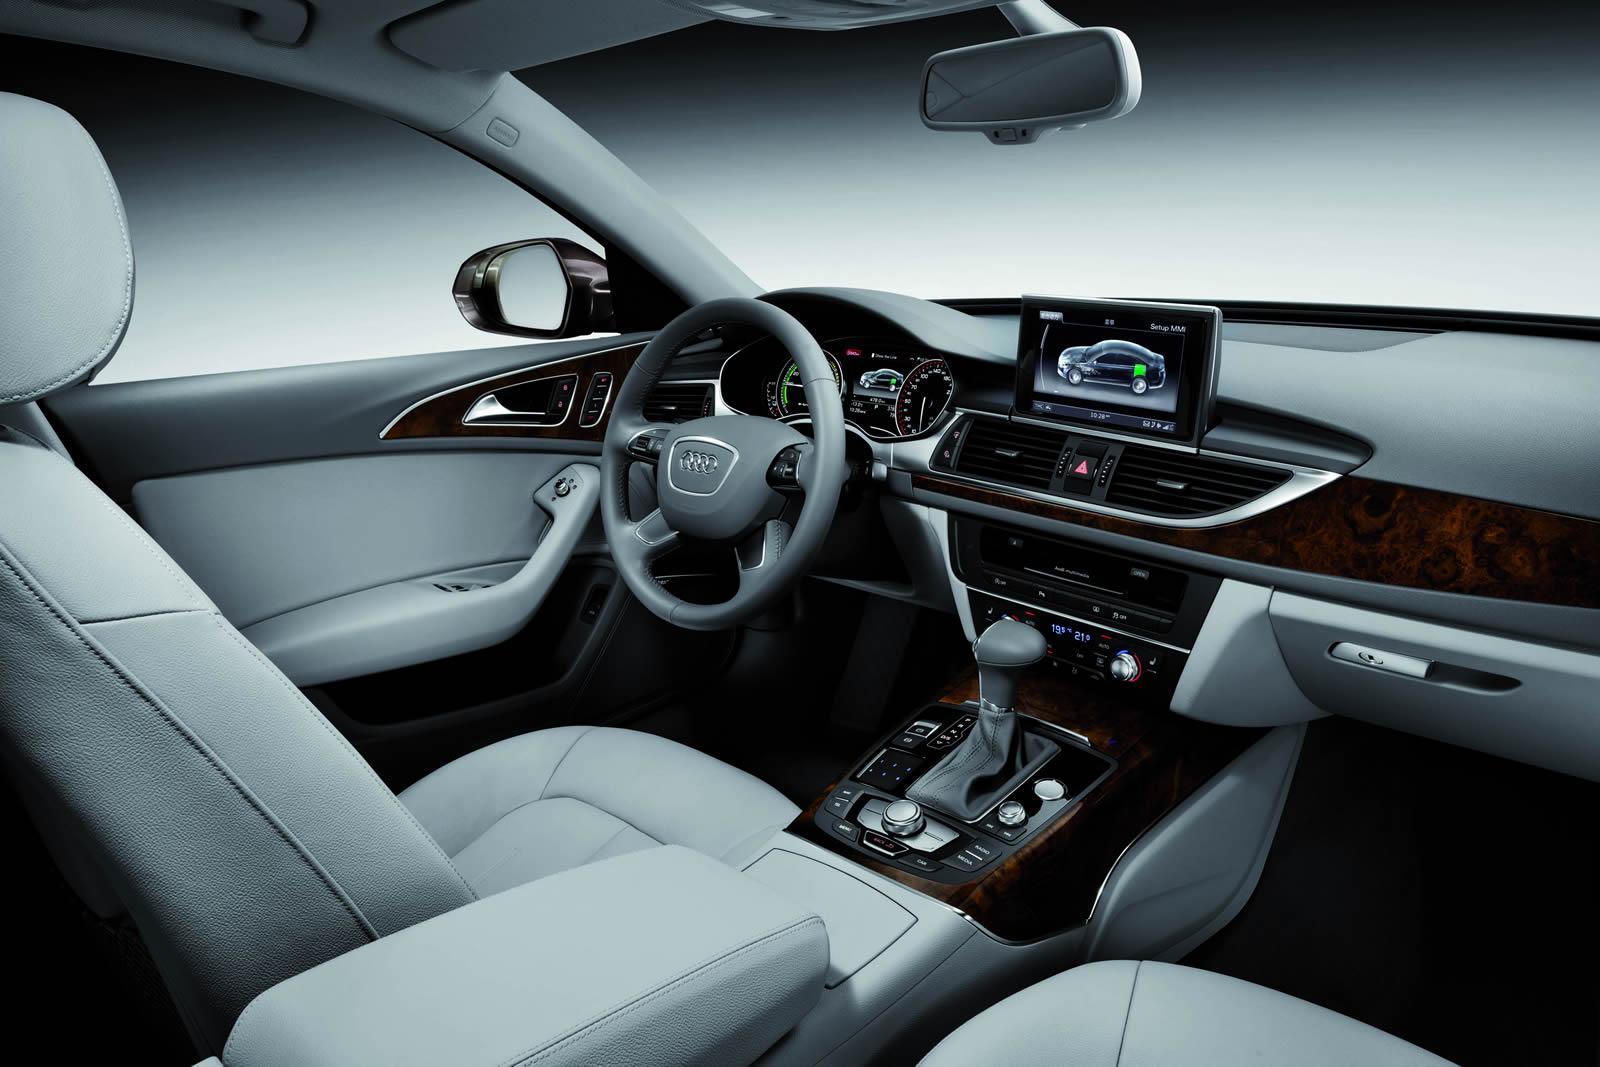 Фото салона Audi A6 L e-tron 2012 года